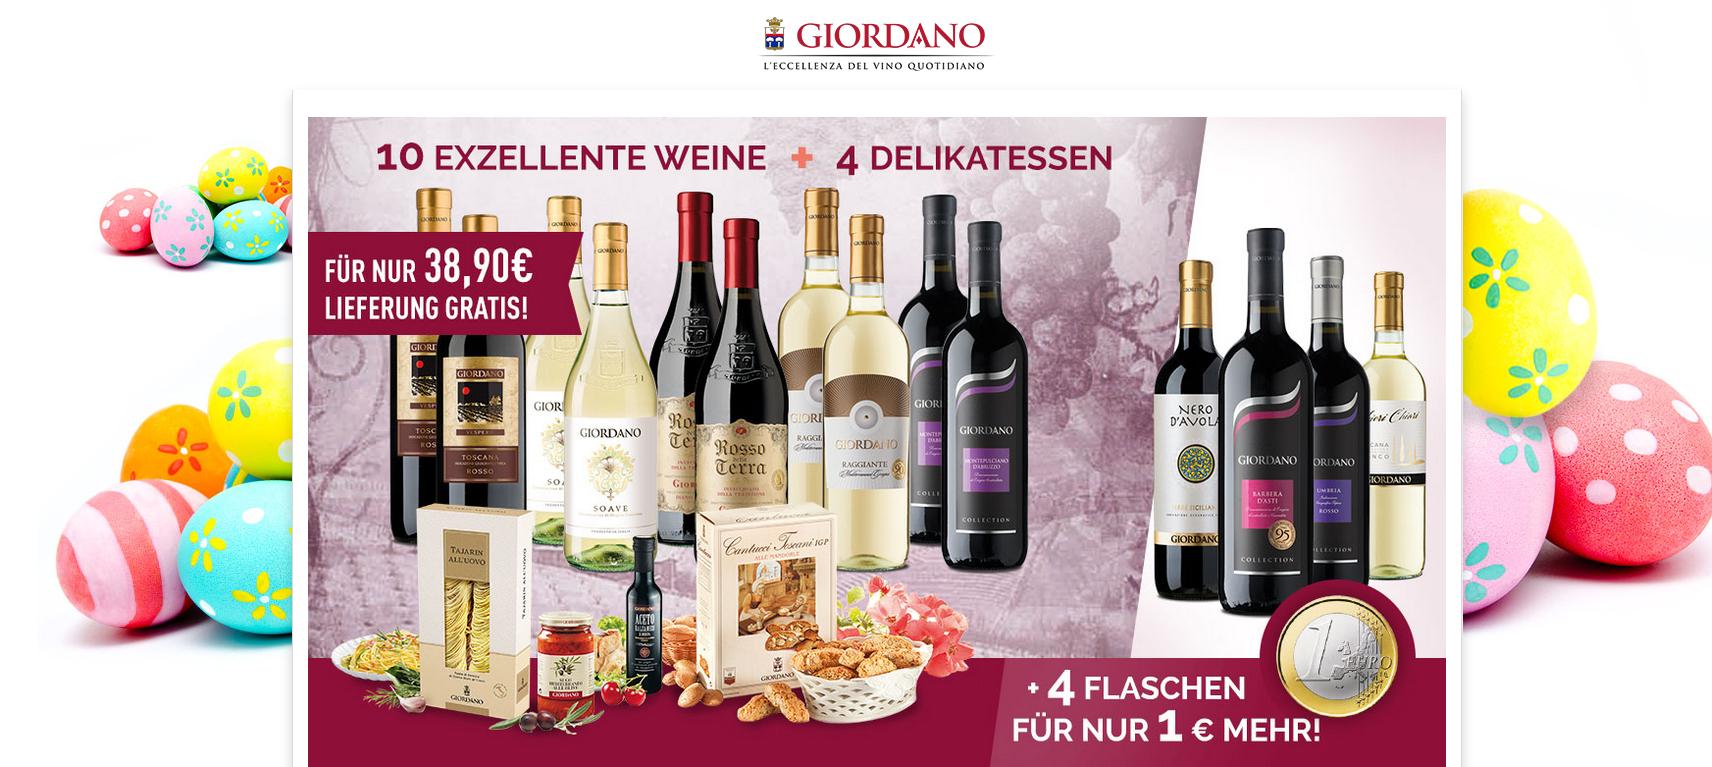 Giordano: 10 italienische Weine + 4 Spezialitäten + 12 teiliges Tellerset für nur 39,90 Euro inkl. Versand